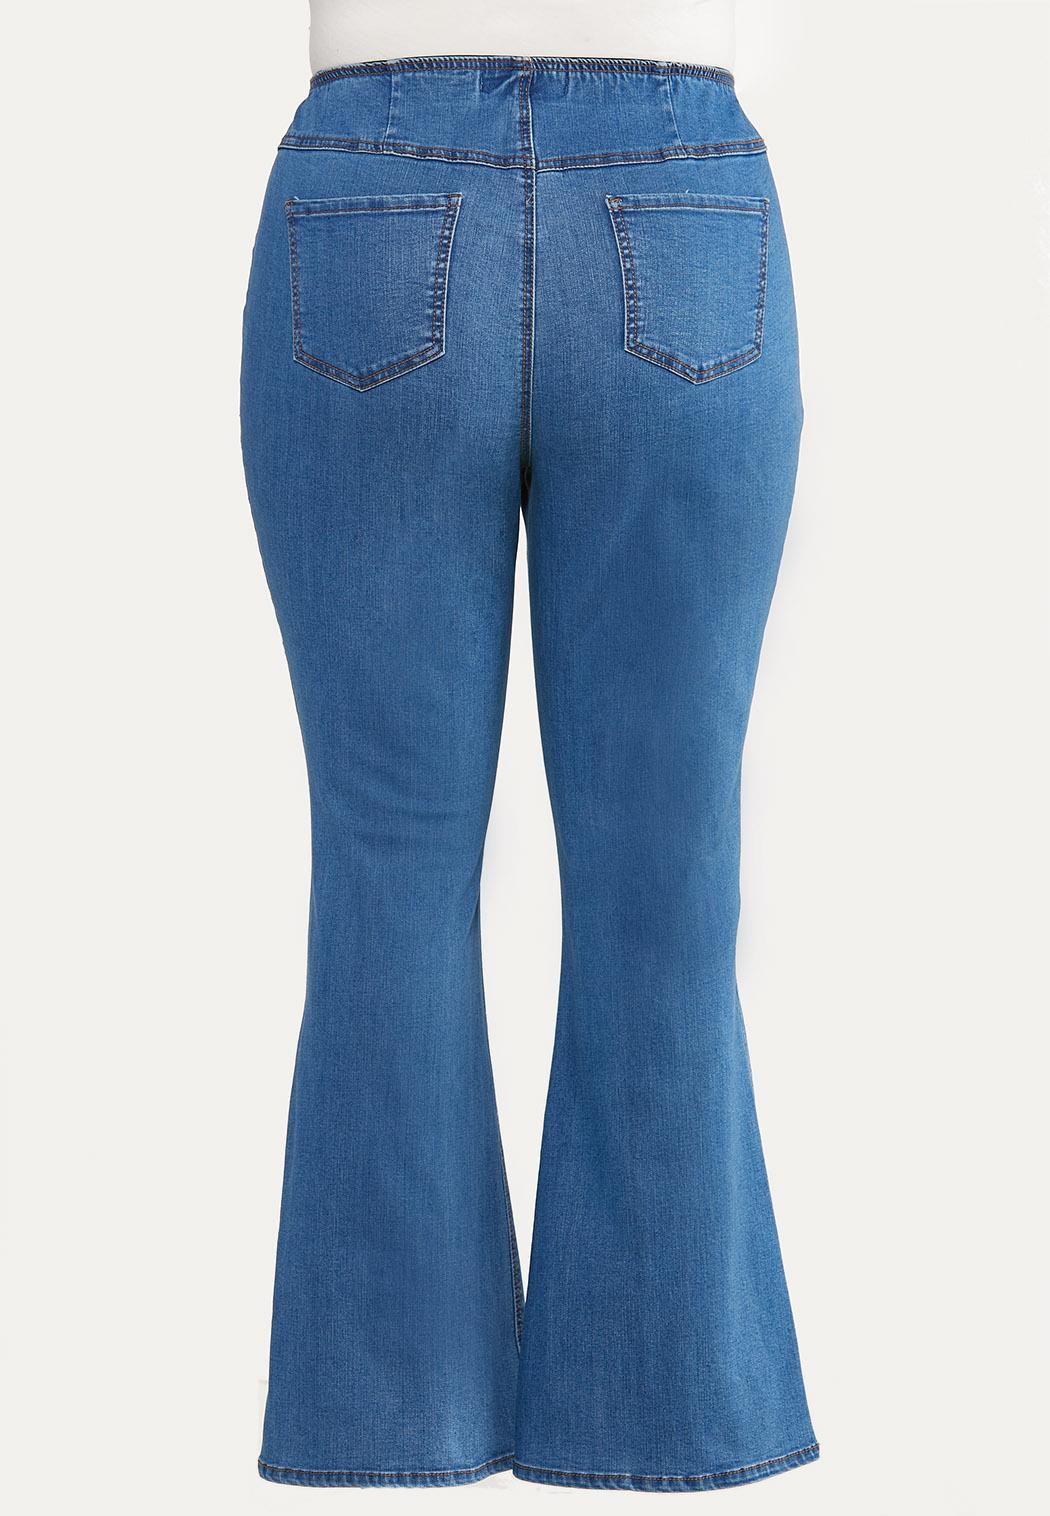 Plus Petite Pull-On Flare Jeans (Item #44646308)